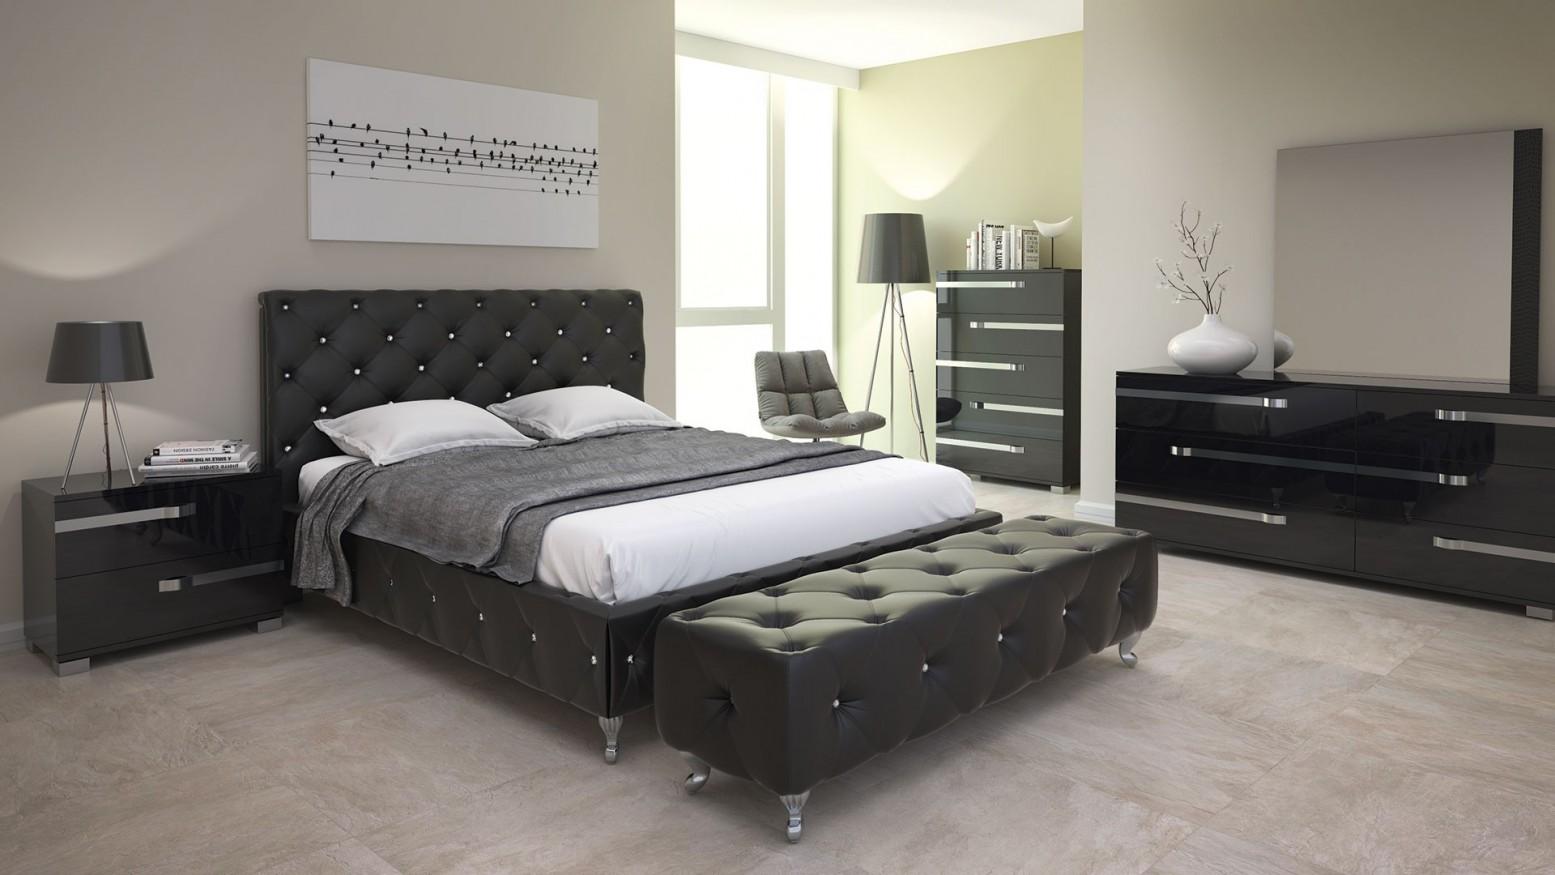 Maria 3 Piece Queen Size Bedroom Set Black Buy Online At Best Price